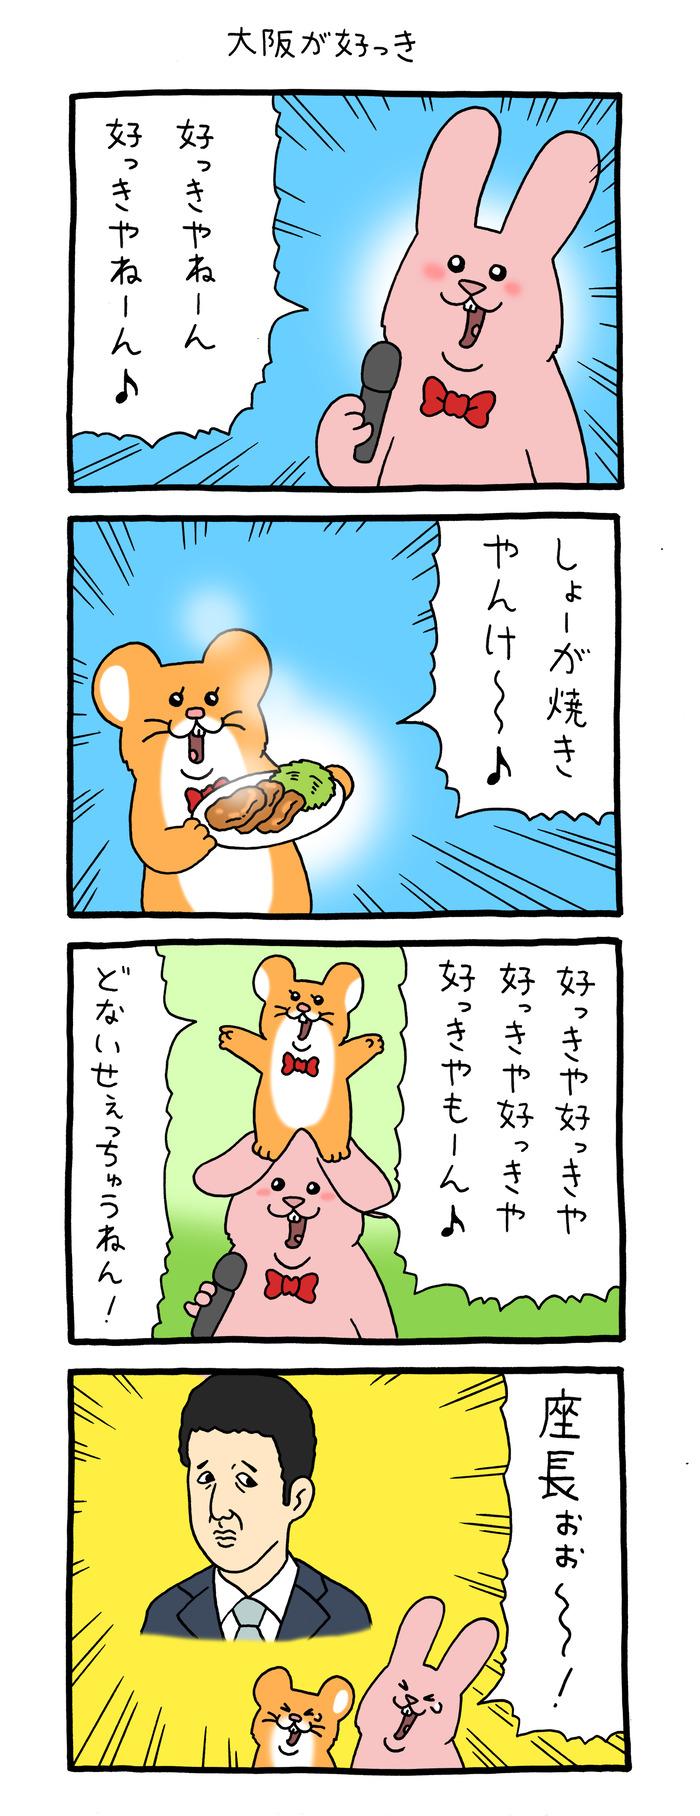 スキウサギ 大阪がすっき のコピー